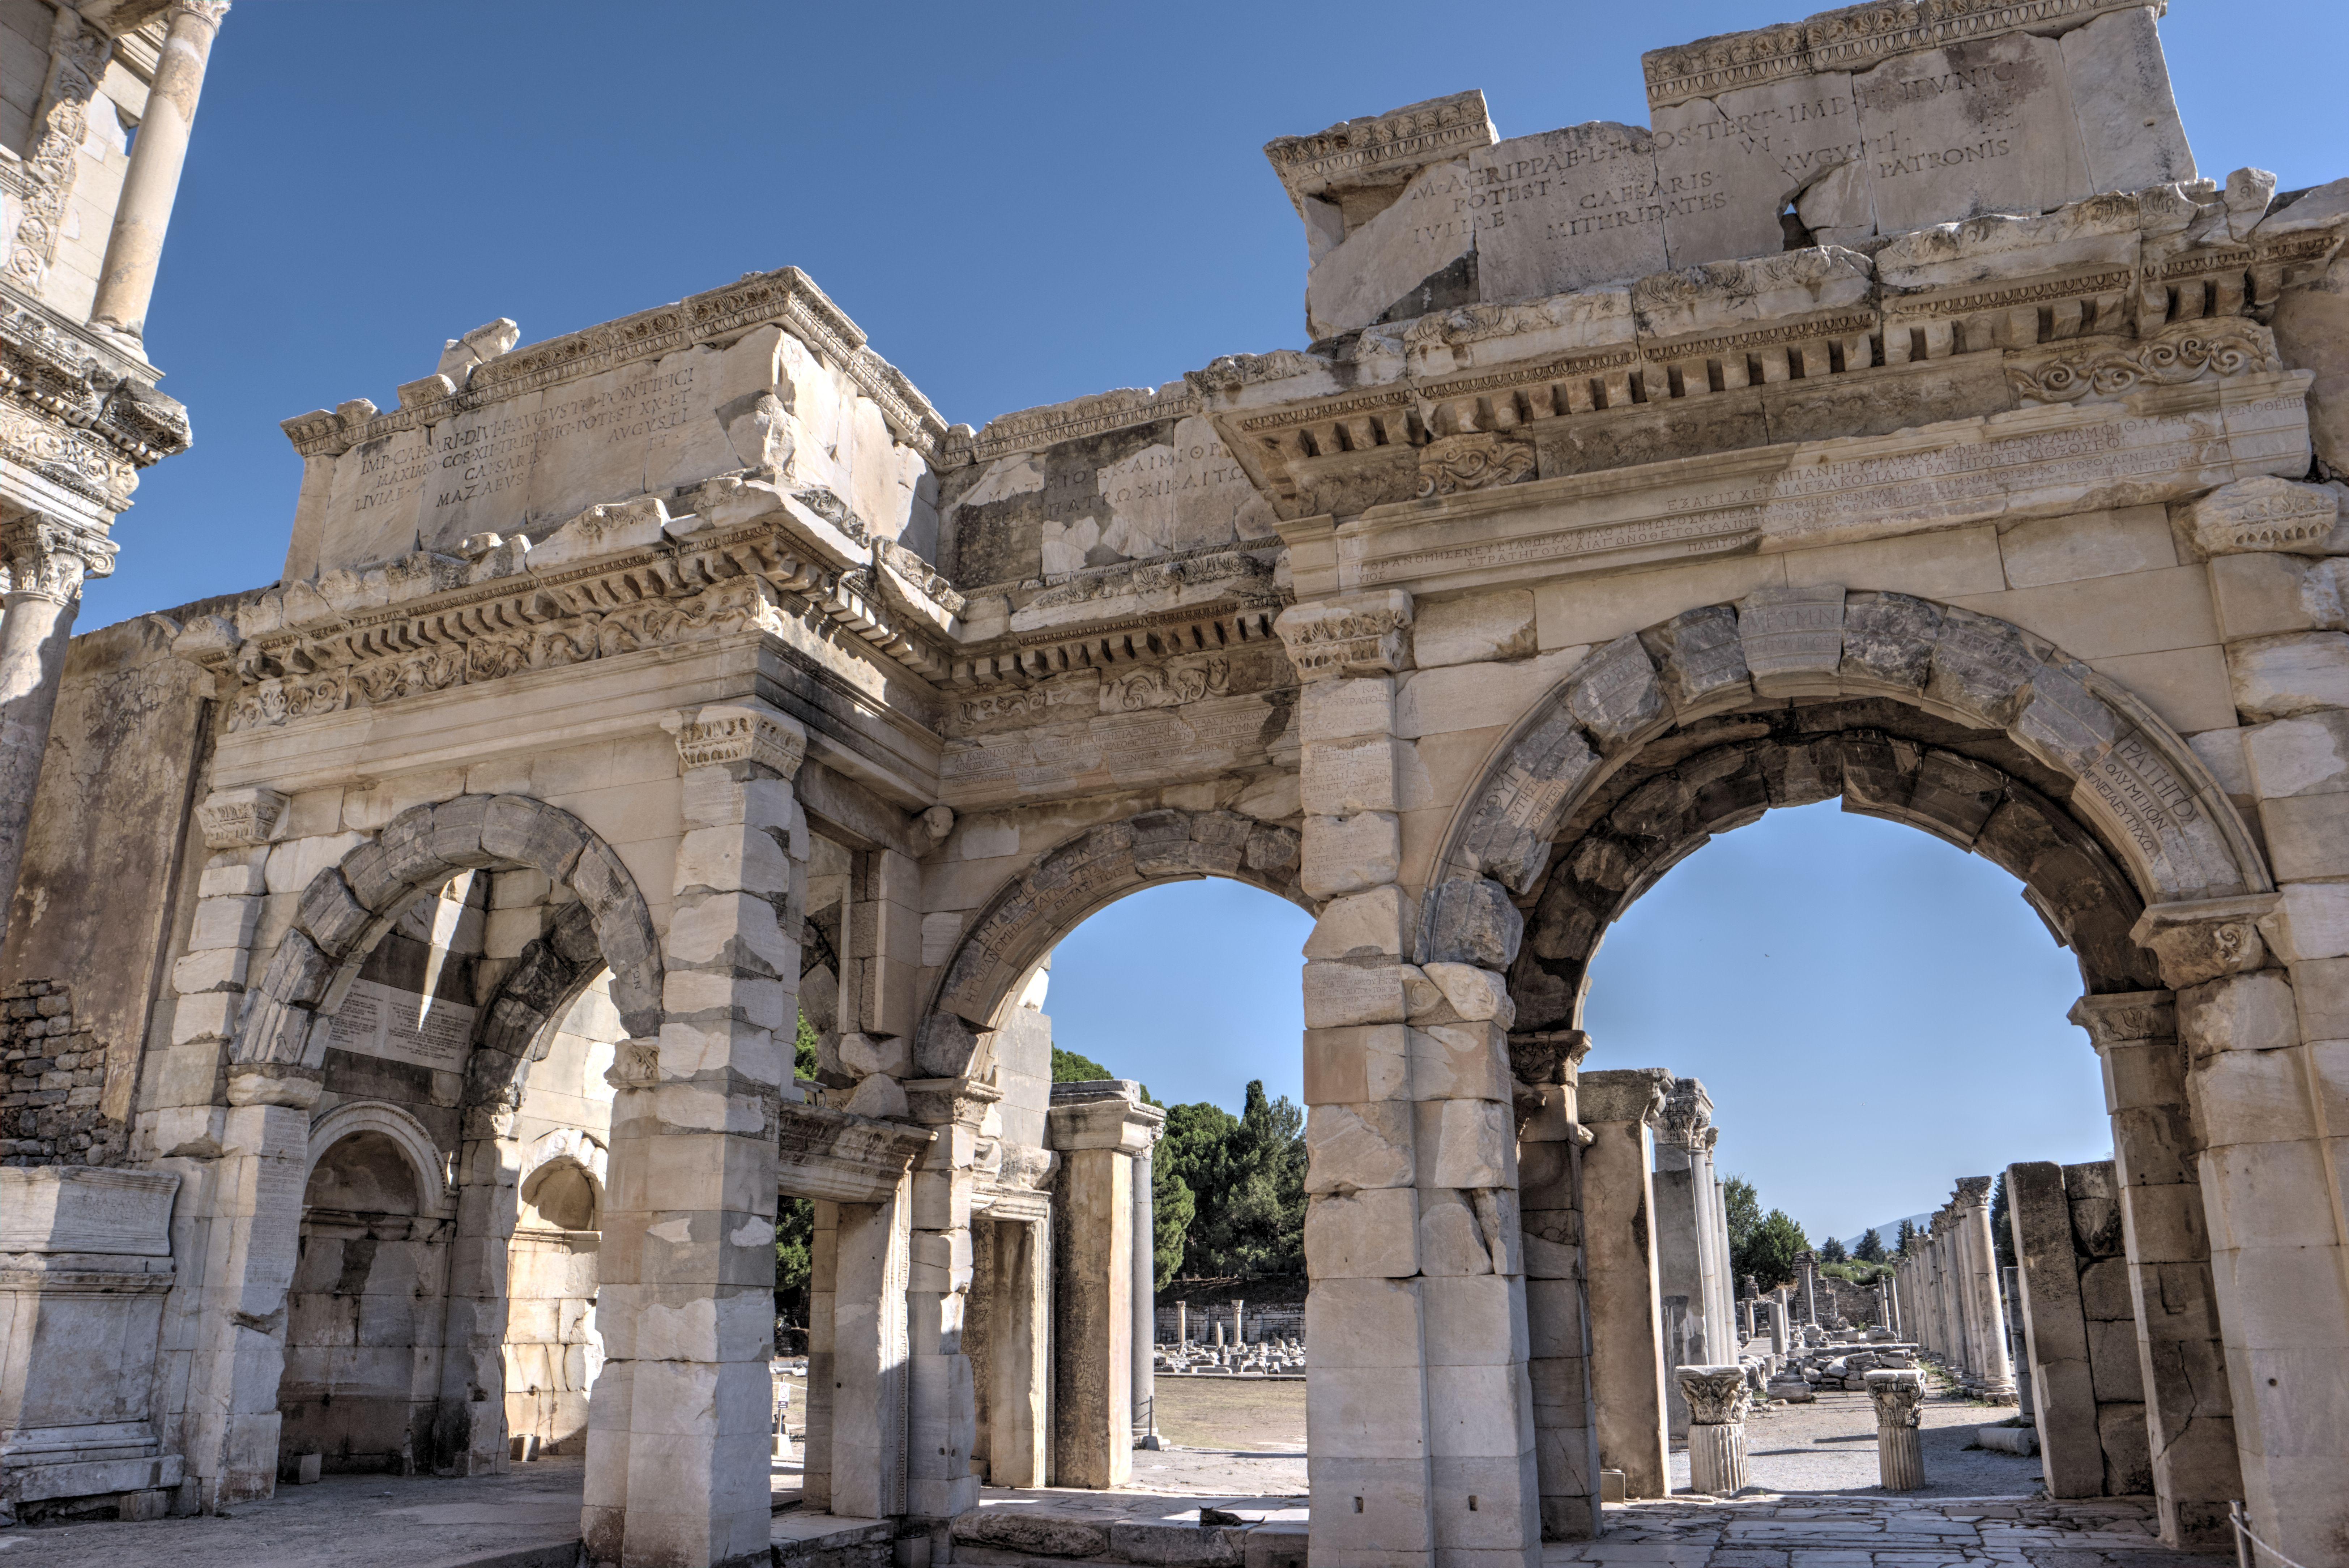 Gate of Mazaeus and Mithridates in Ephesus